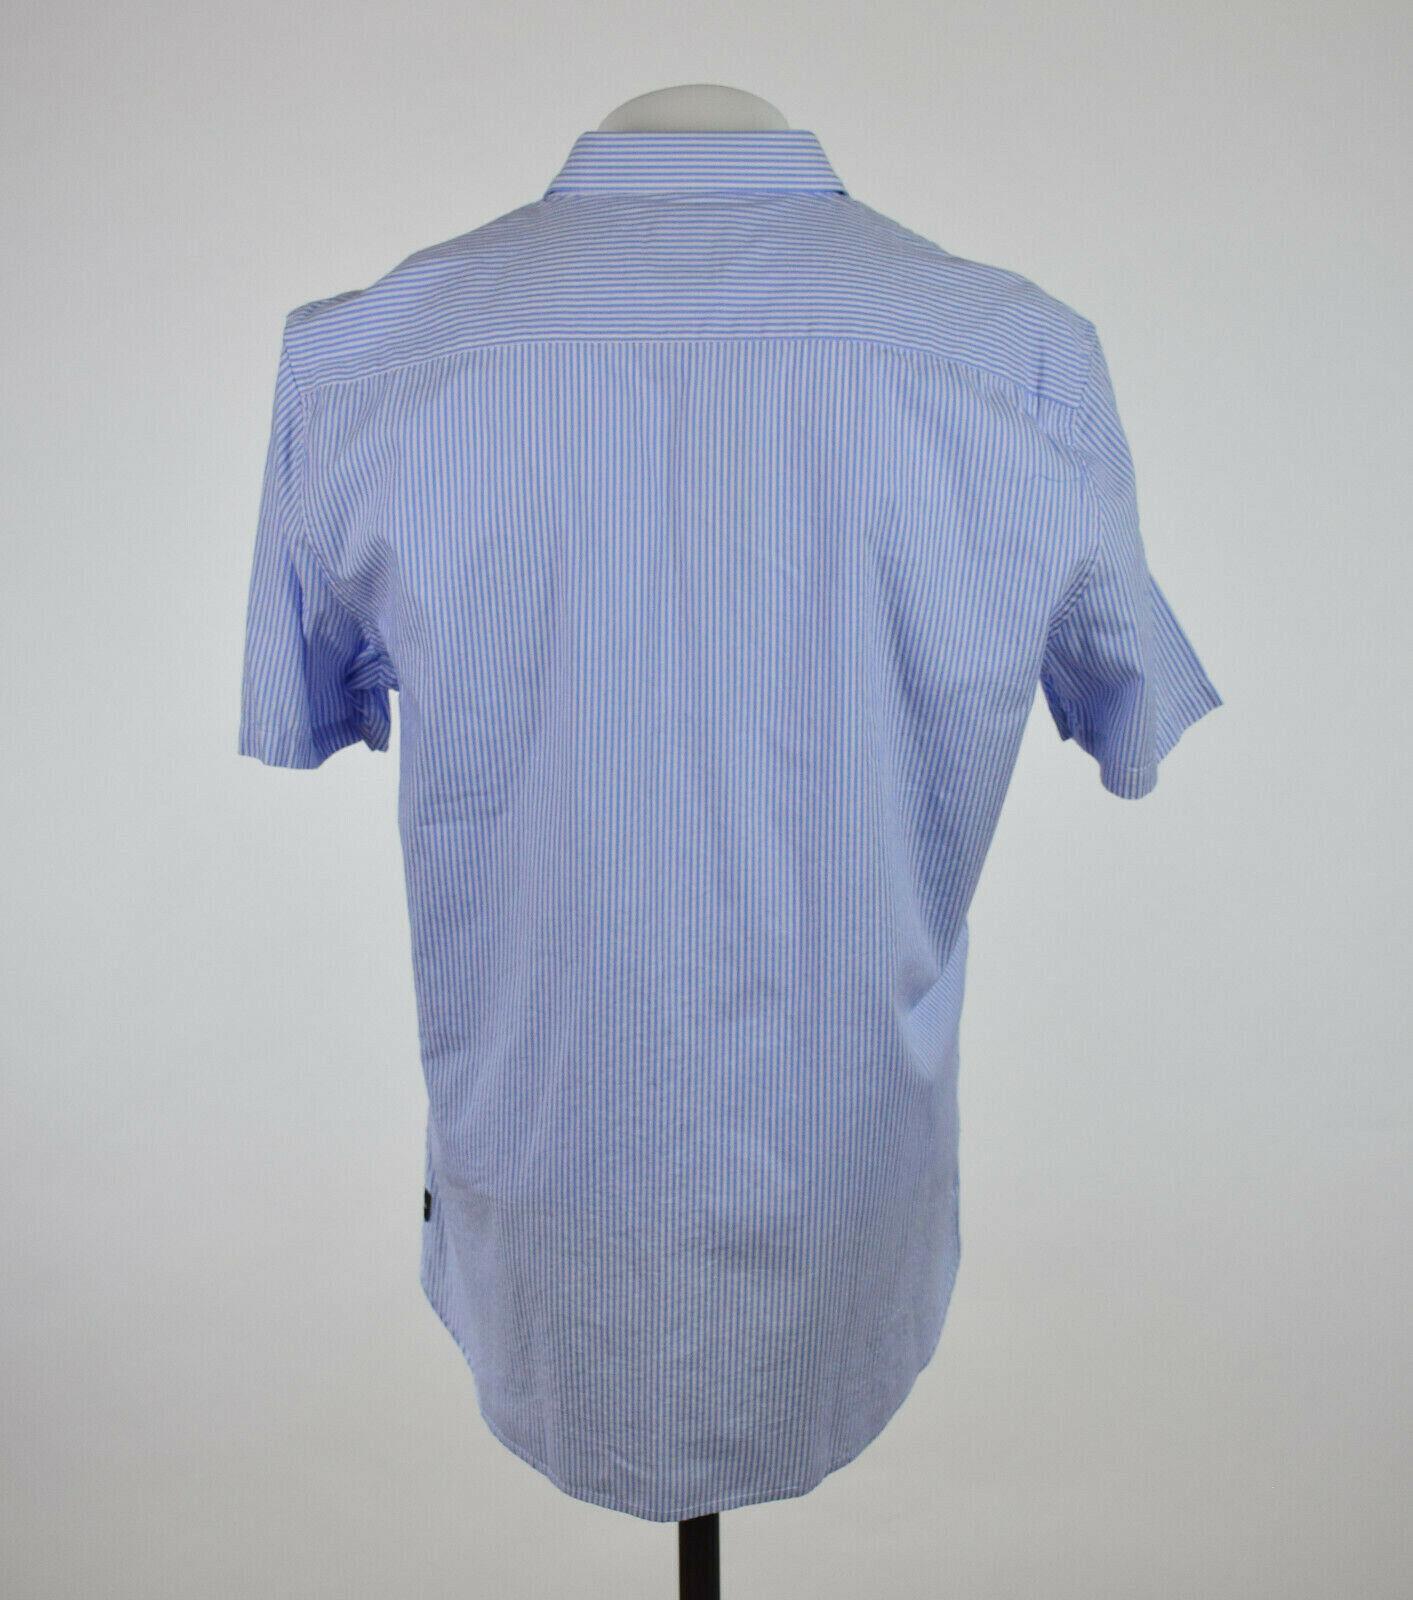 Barney Cools Herren Hellblau Hellblau Hellblau Gestreift Kurzärmelig Button-Down Hemd S M L XL | Zu verkaufen  | Auf Verkauf  0f46e9